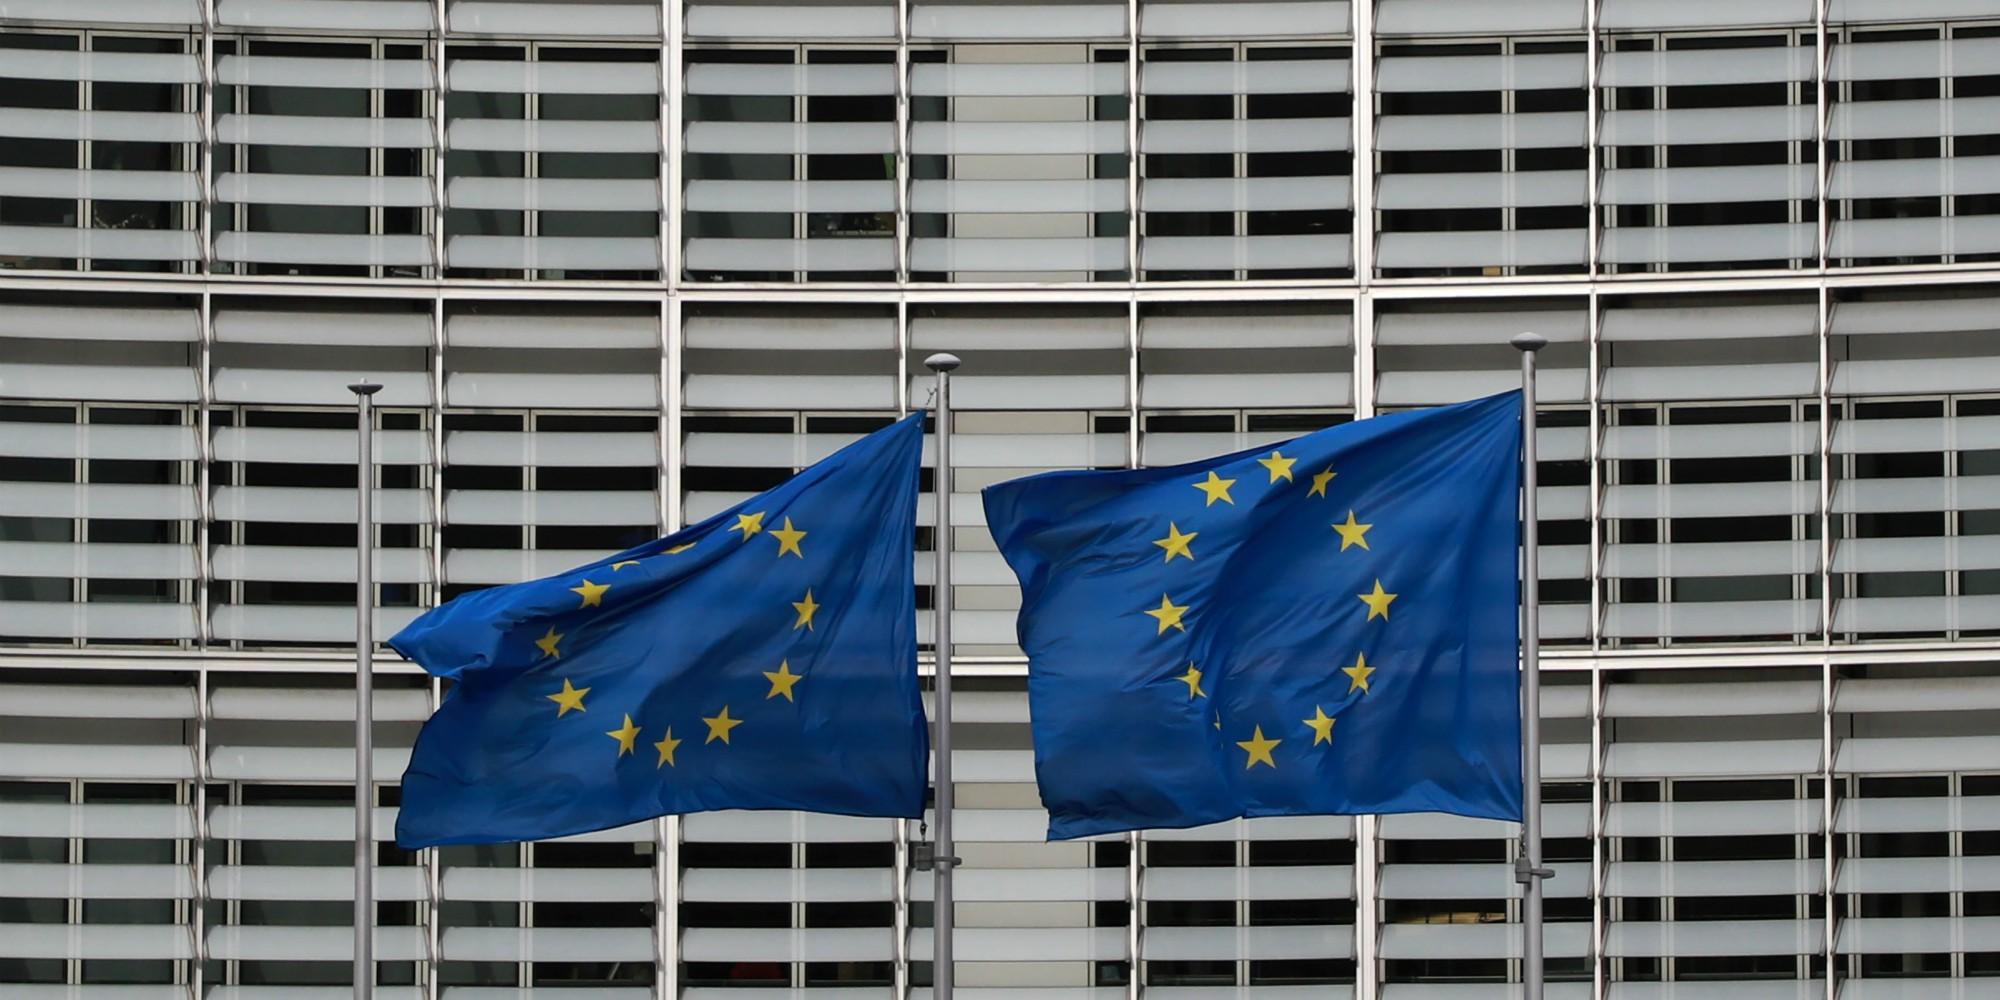 À partir de juillet, il devrait être possible de voyager partout dans l'espace Schengen